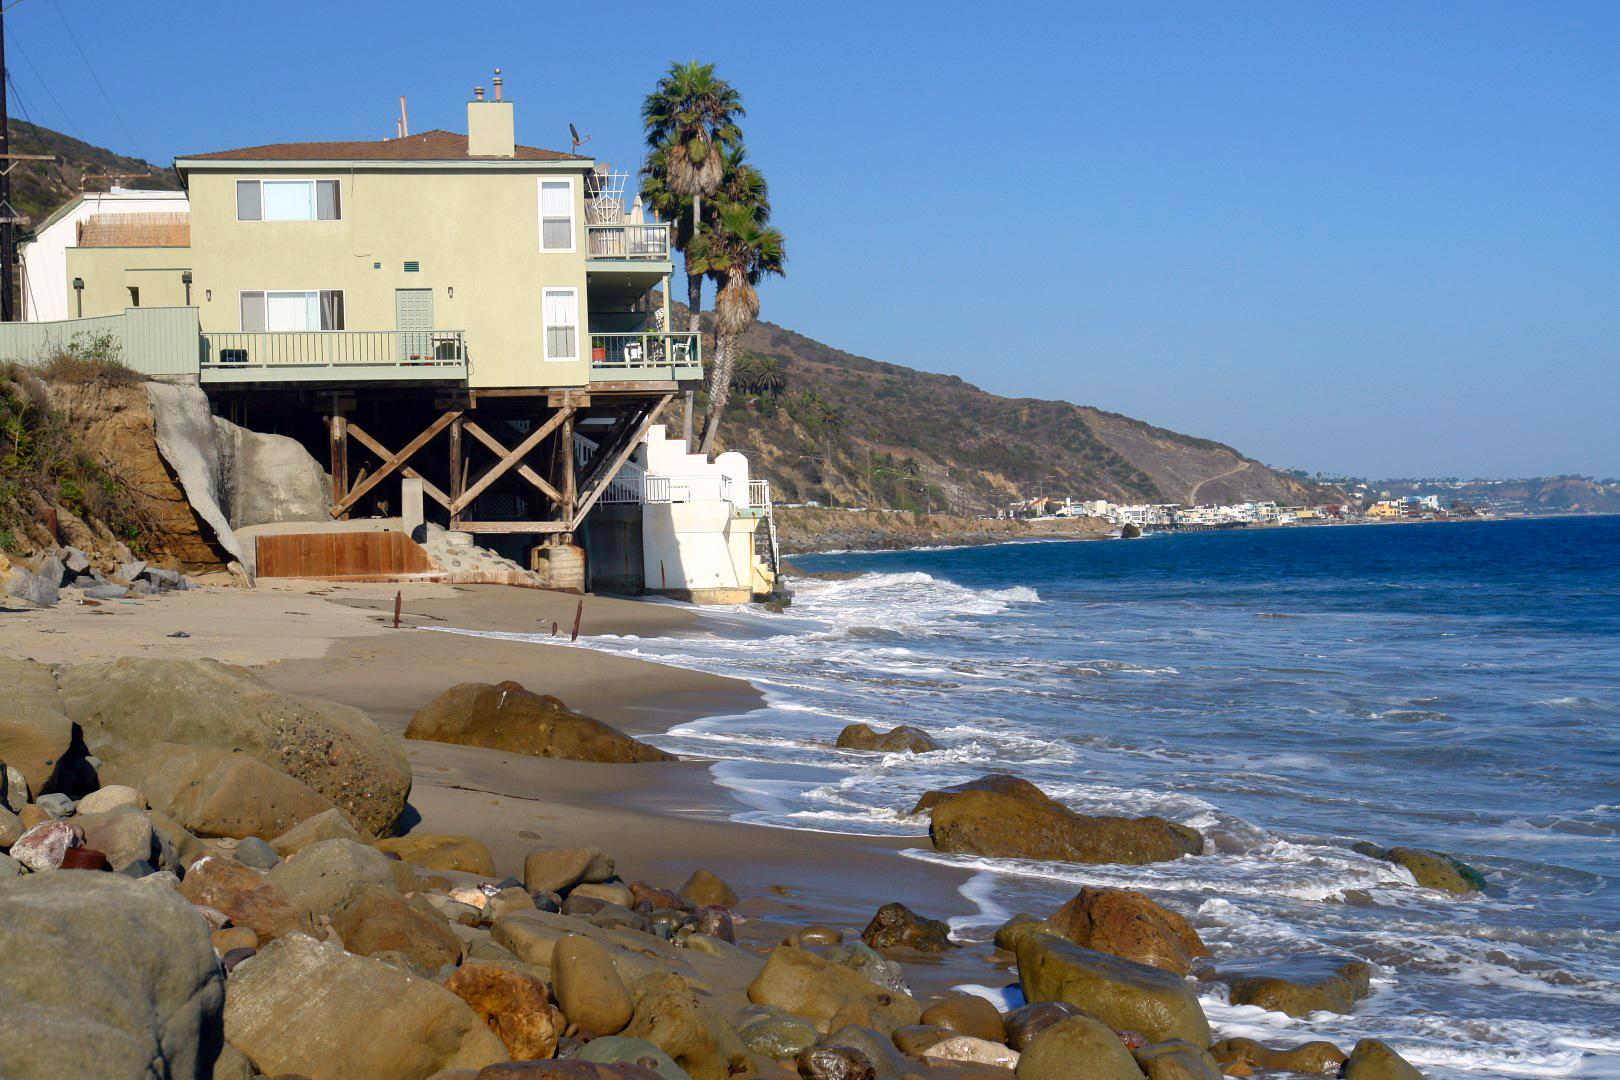 Qué hacer y ver en Los Ángeles los angeles - 32749504346 eed48db427 o - Qué hacer y ver en Los Angeles